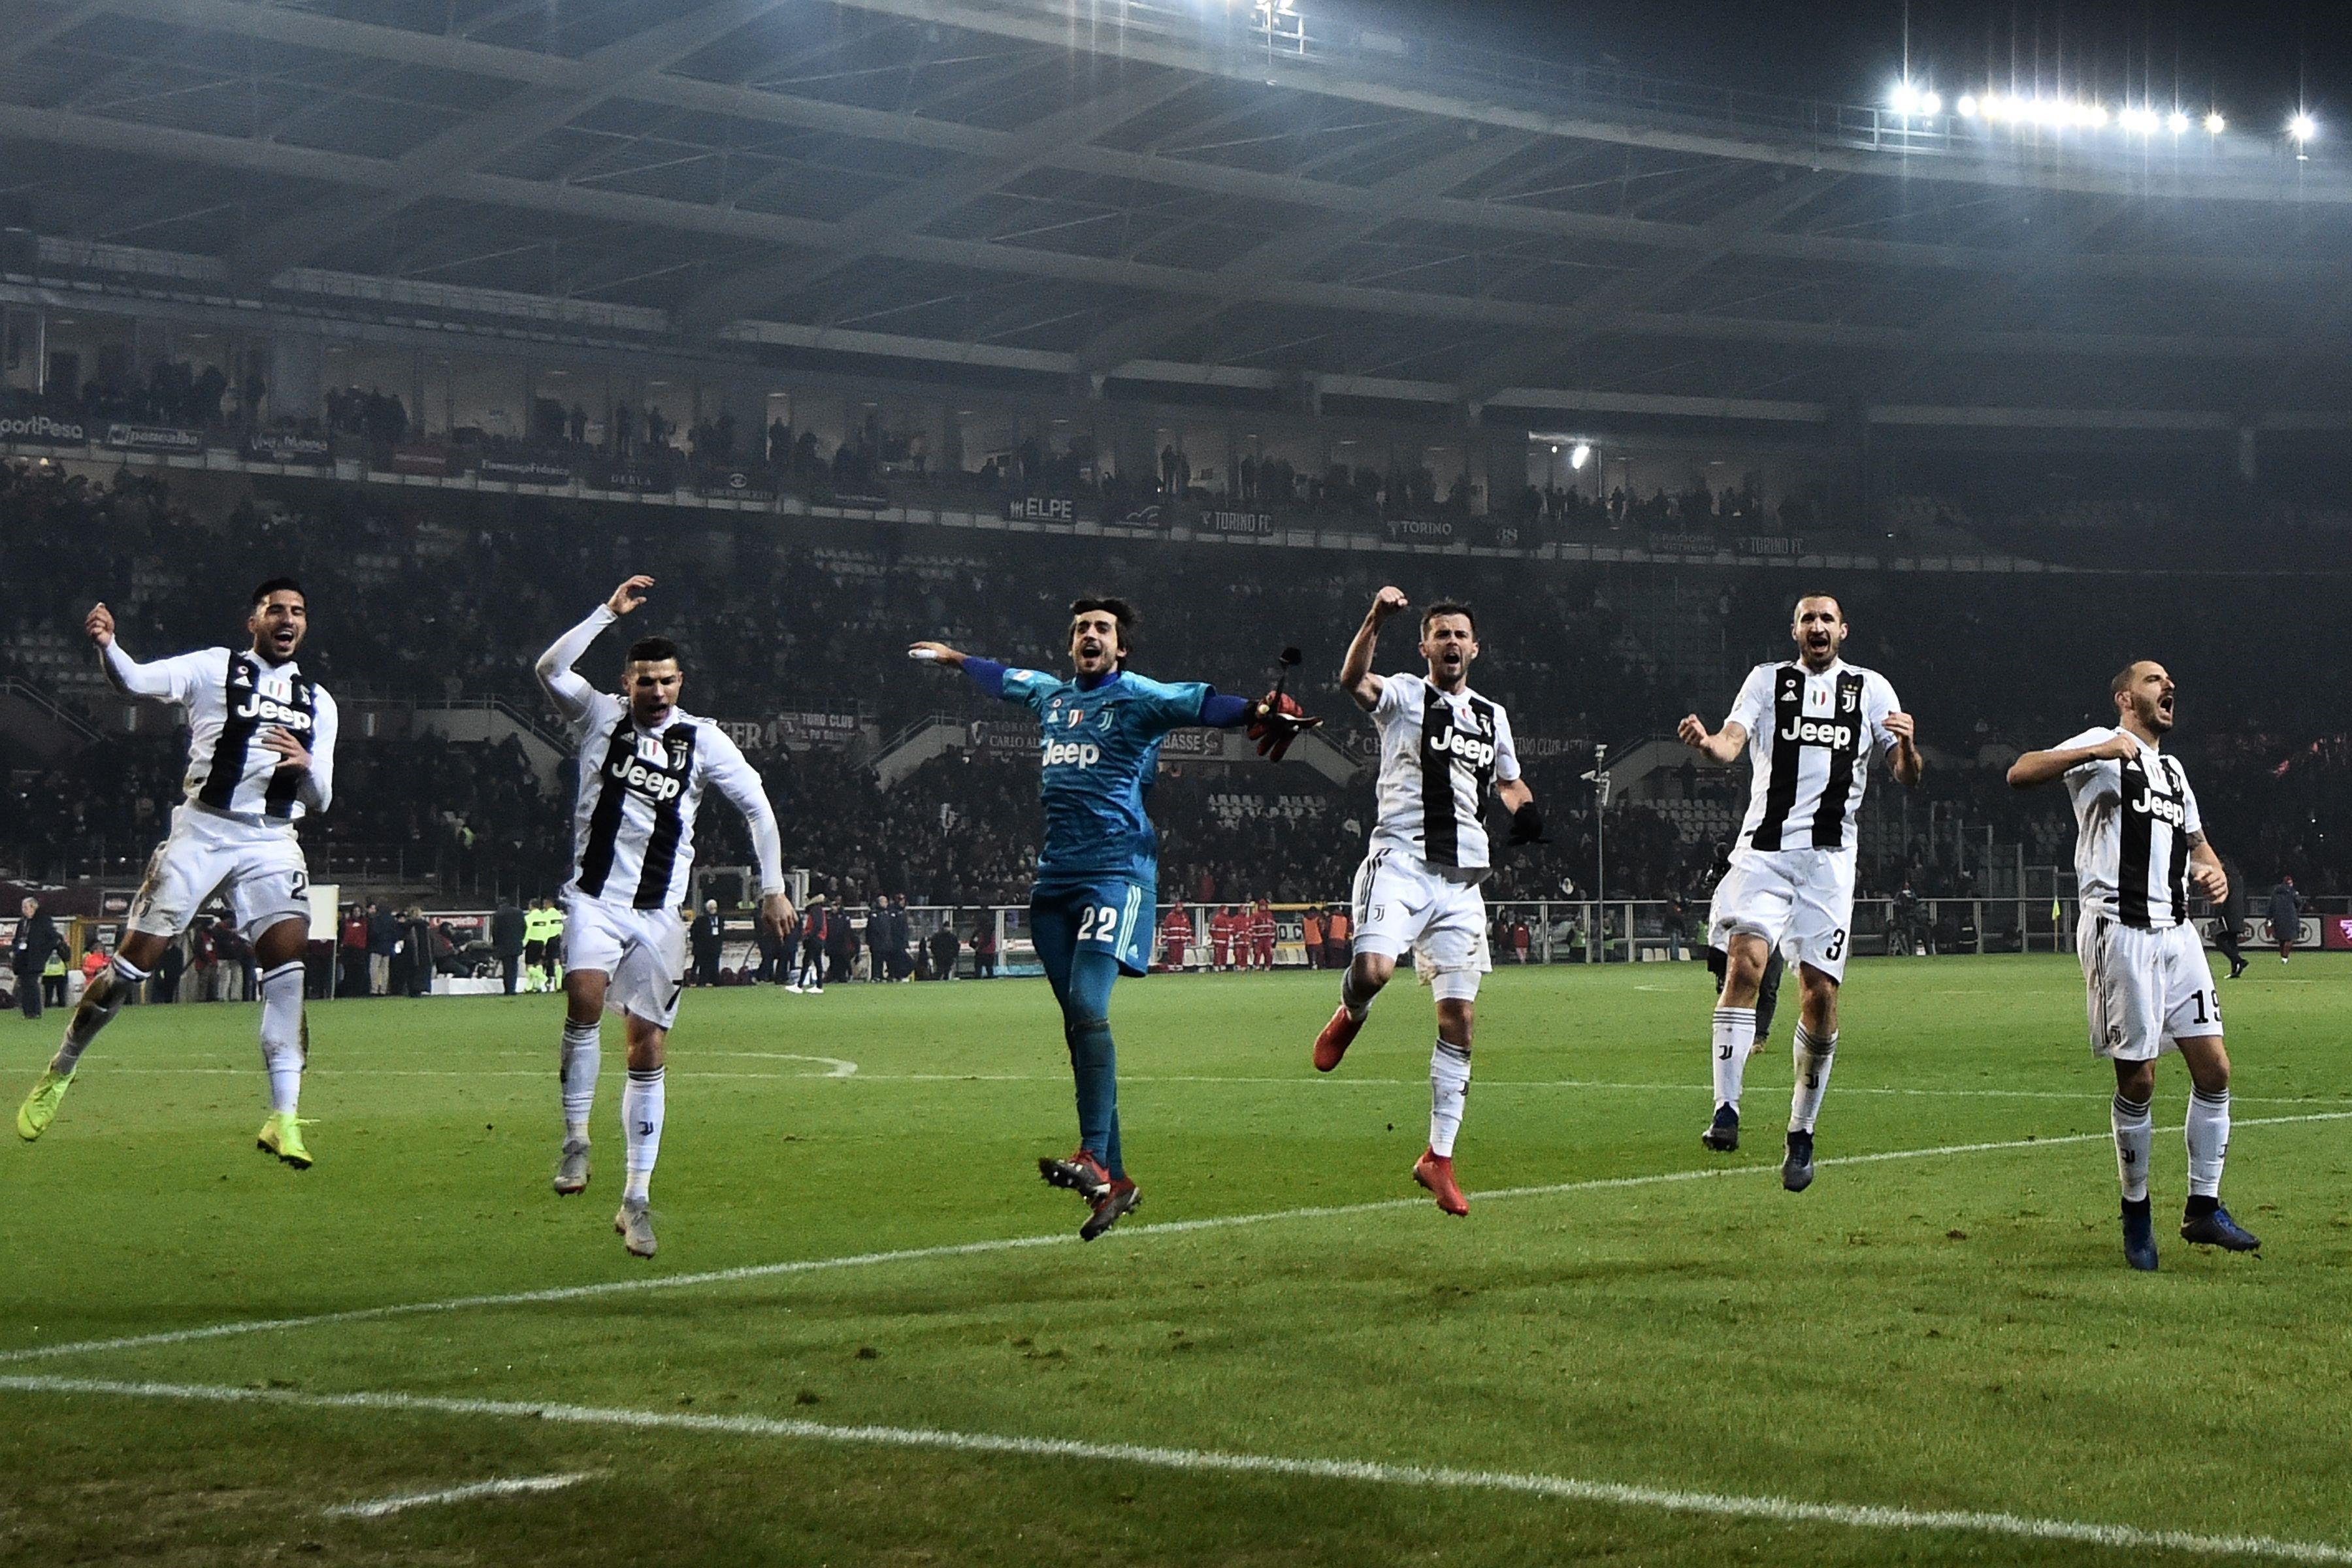 Emre Can, Cristiano Ronaldo, Mattia Perin, Miralem Pjanic, Giorgio Chiellini, Leonardo Bonucci (Juventus) en Serie A le 15 décembre 2018